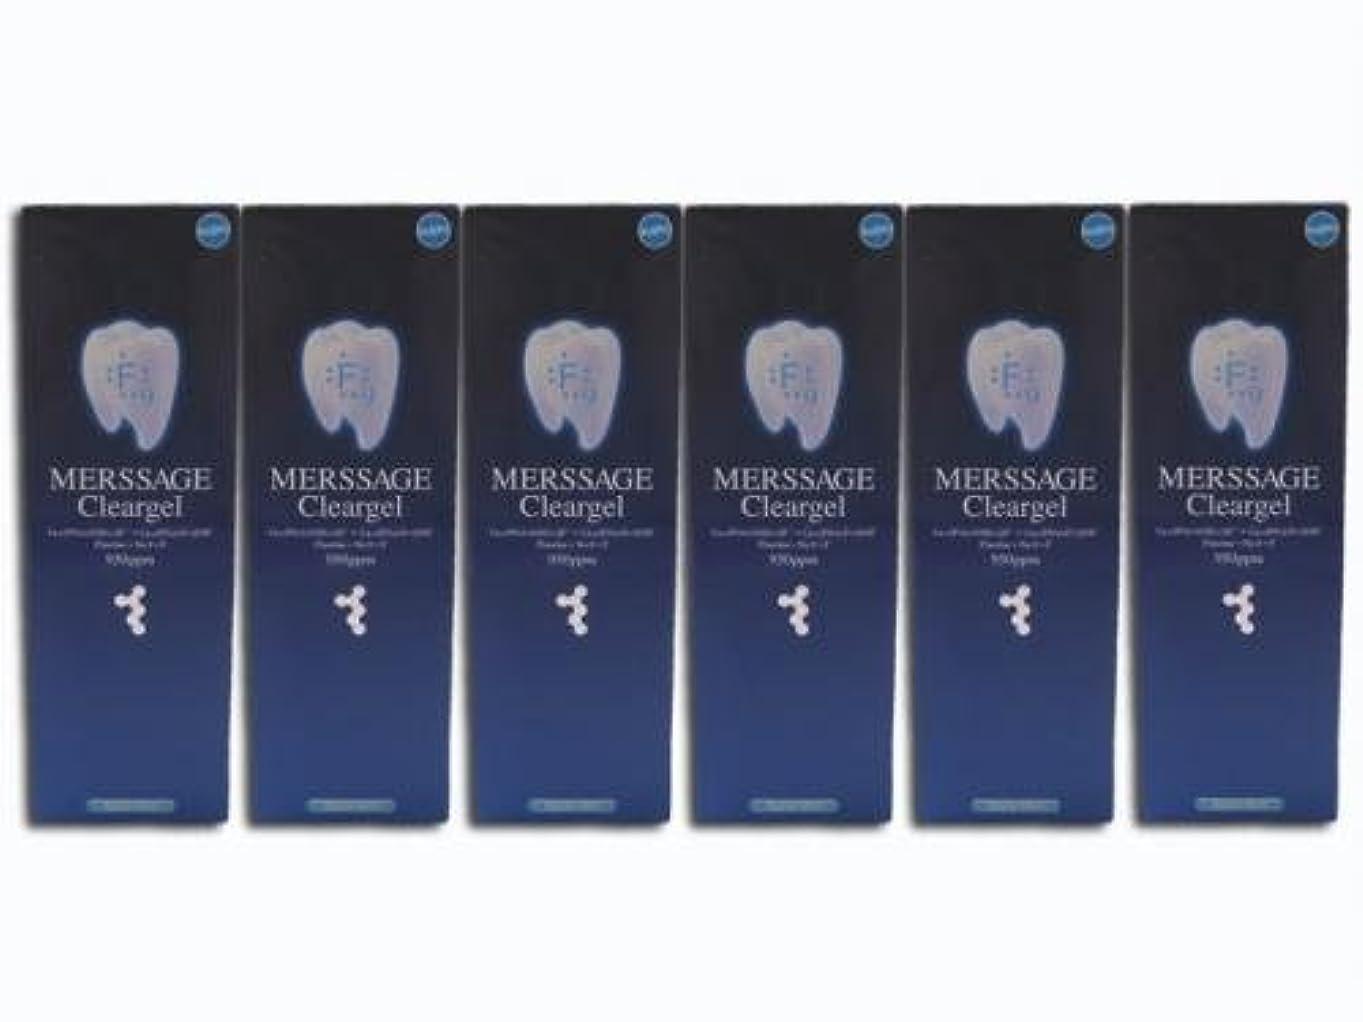 気になる豆腐好戦的な就寝前のスペシャルケア メルサージュ クリアジェル(MERSSAGE Cleargel) 60g 6箱セット